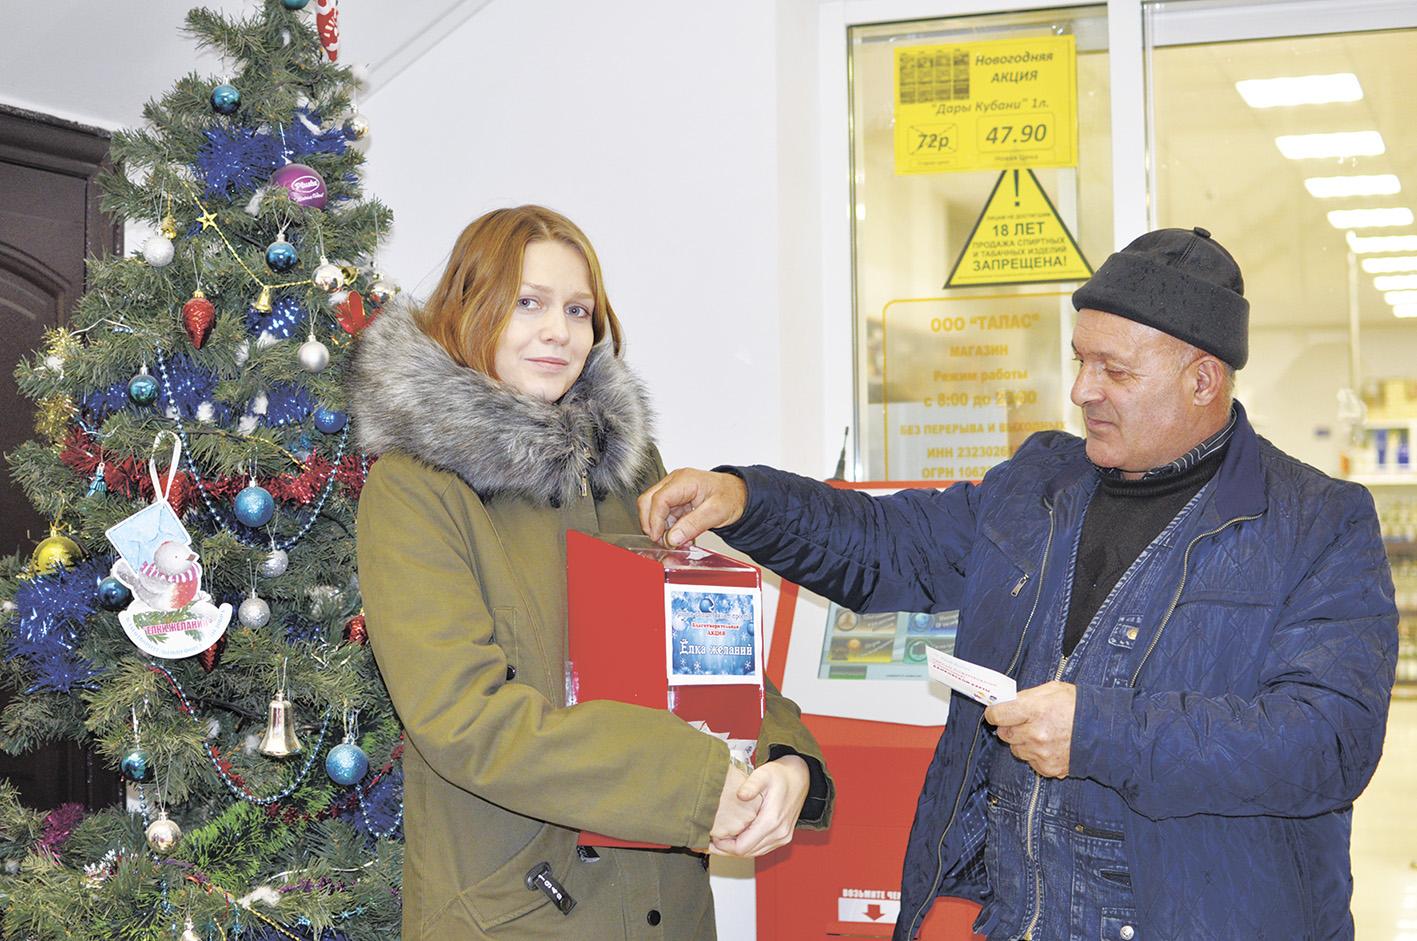 В Абинске с 15 по 25 декабря проводится благотворительная новогодняя акция «Елка желаний»